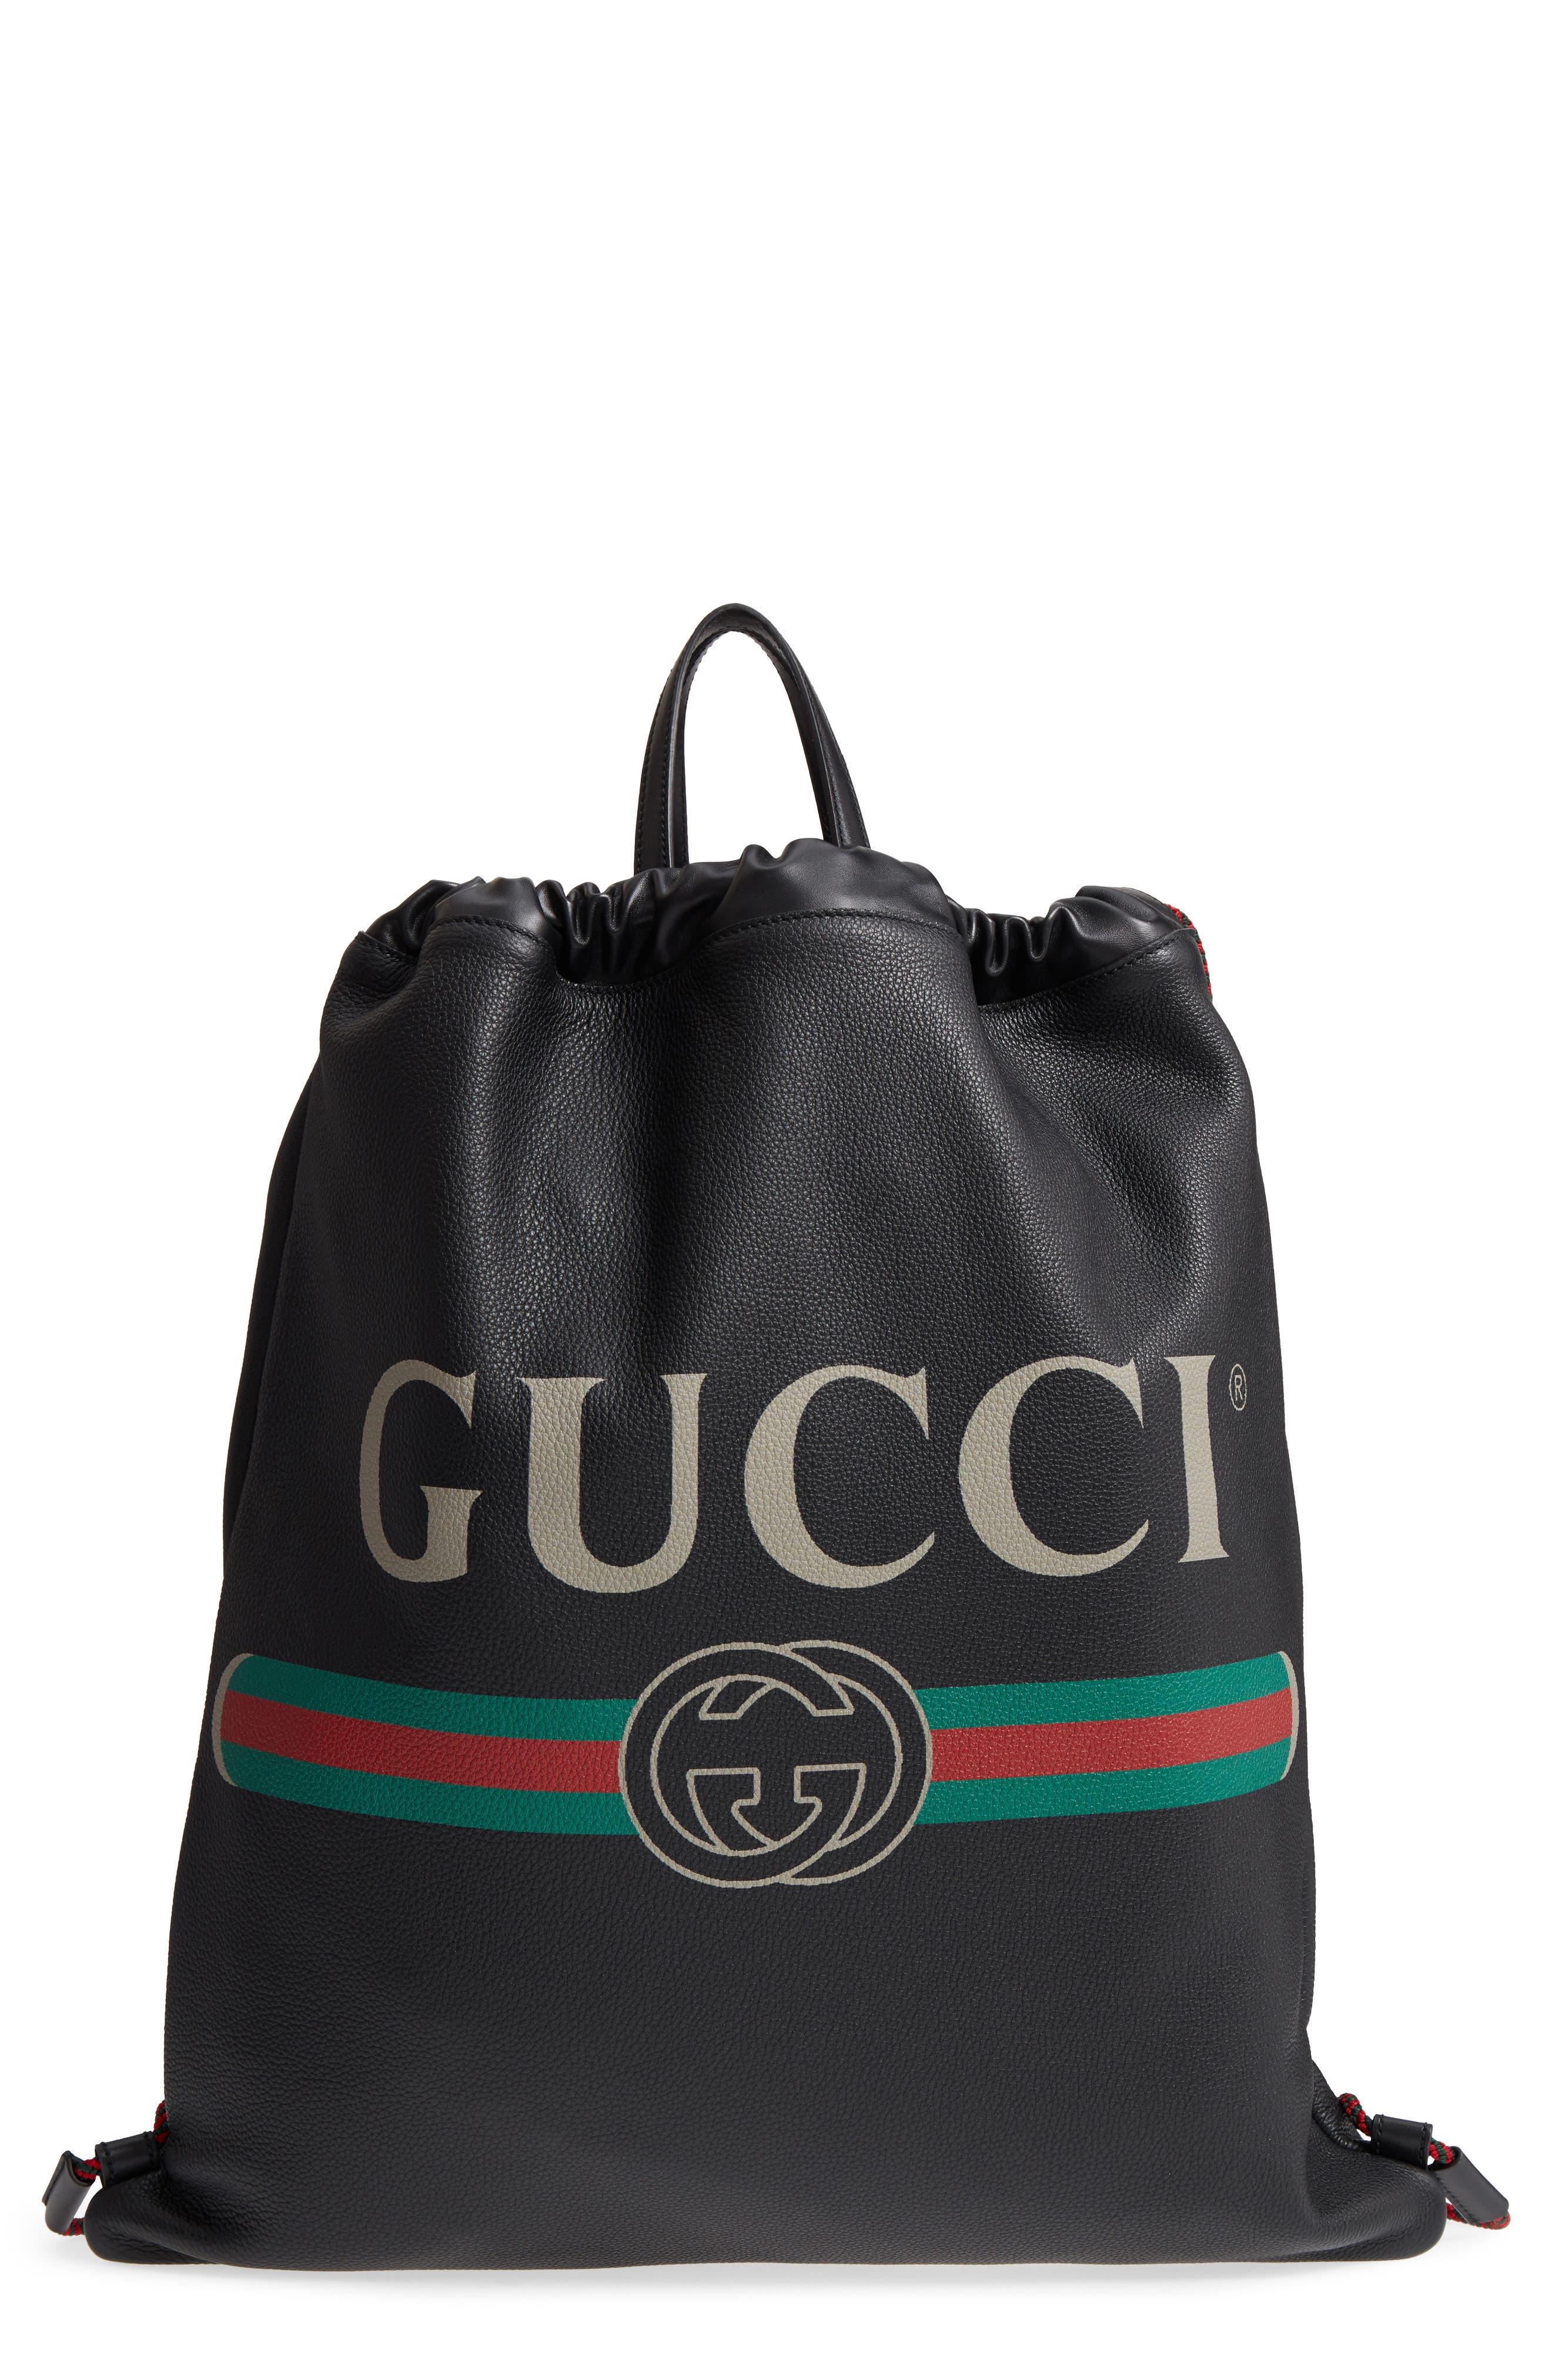 Women s Gucci Backpacks  08b1ae40a241b